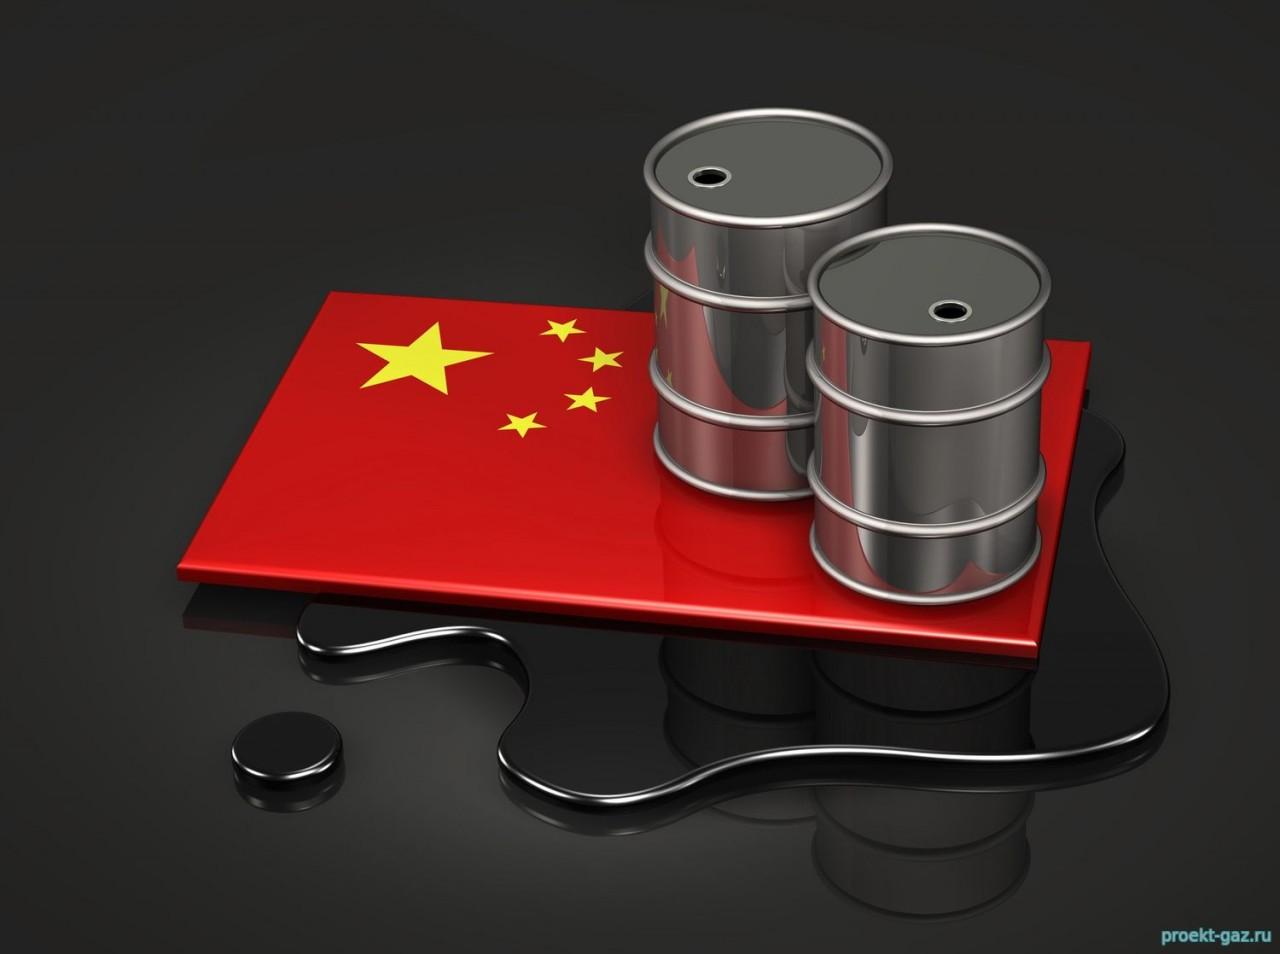 Китай за 8 месяцев увеличил импорт нефти и газа, а в августе — и других товаров